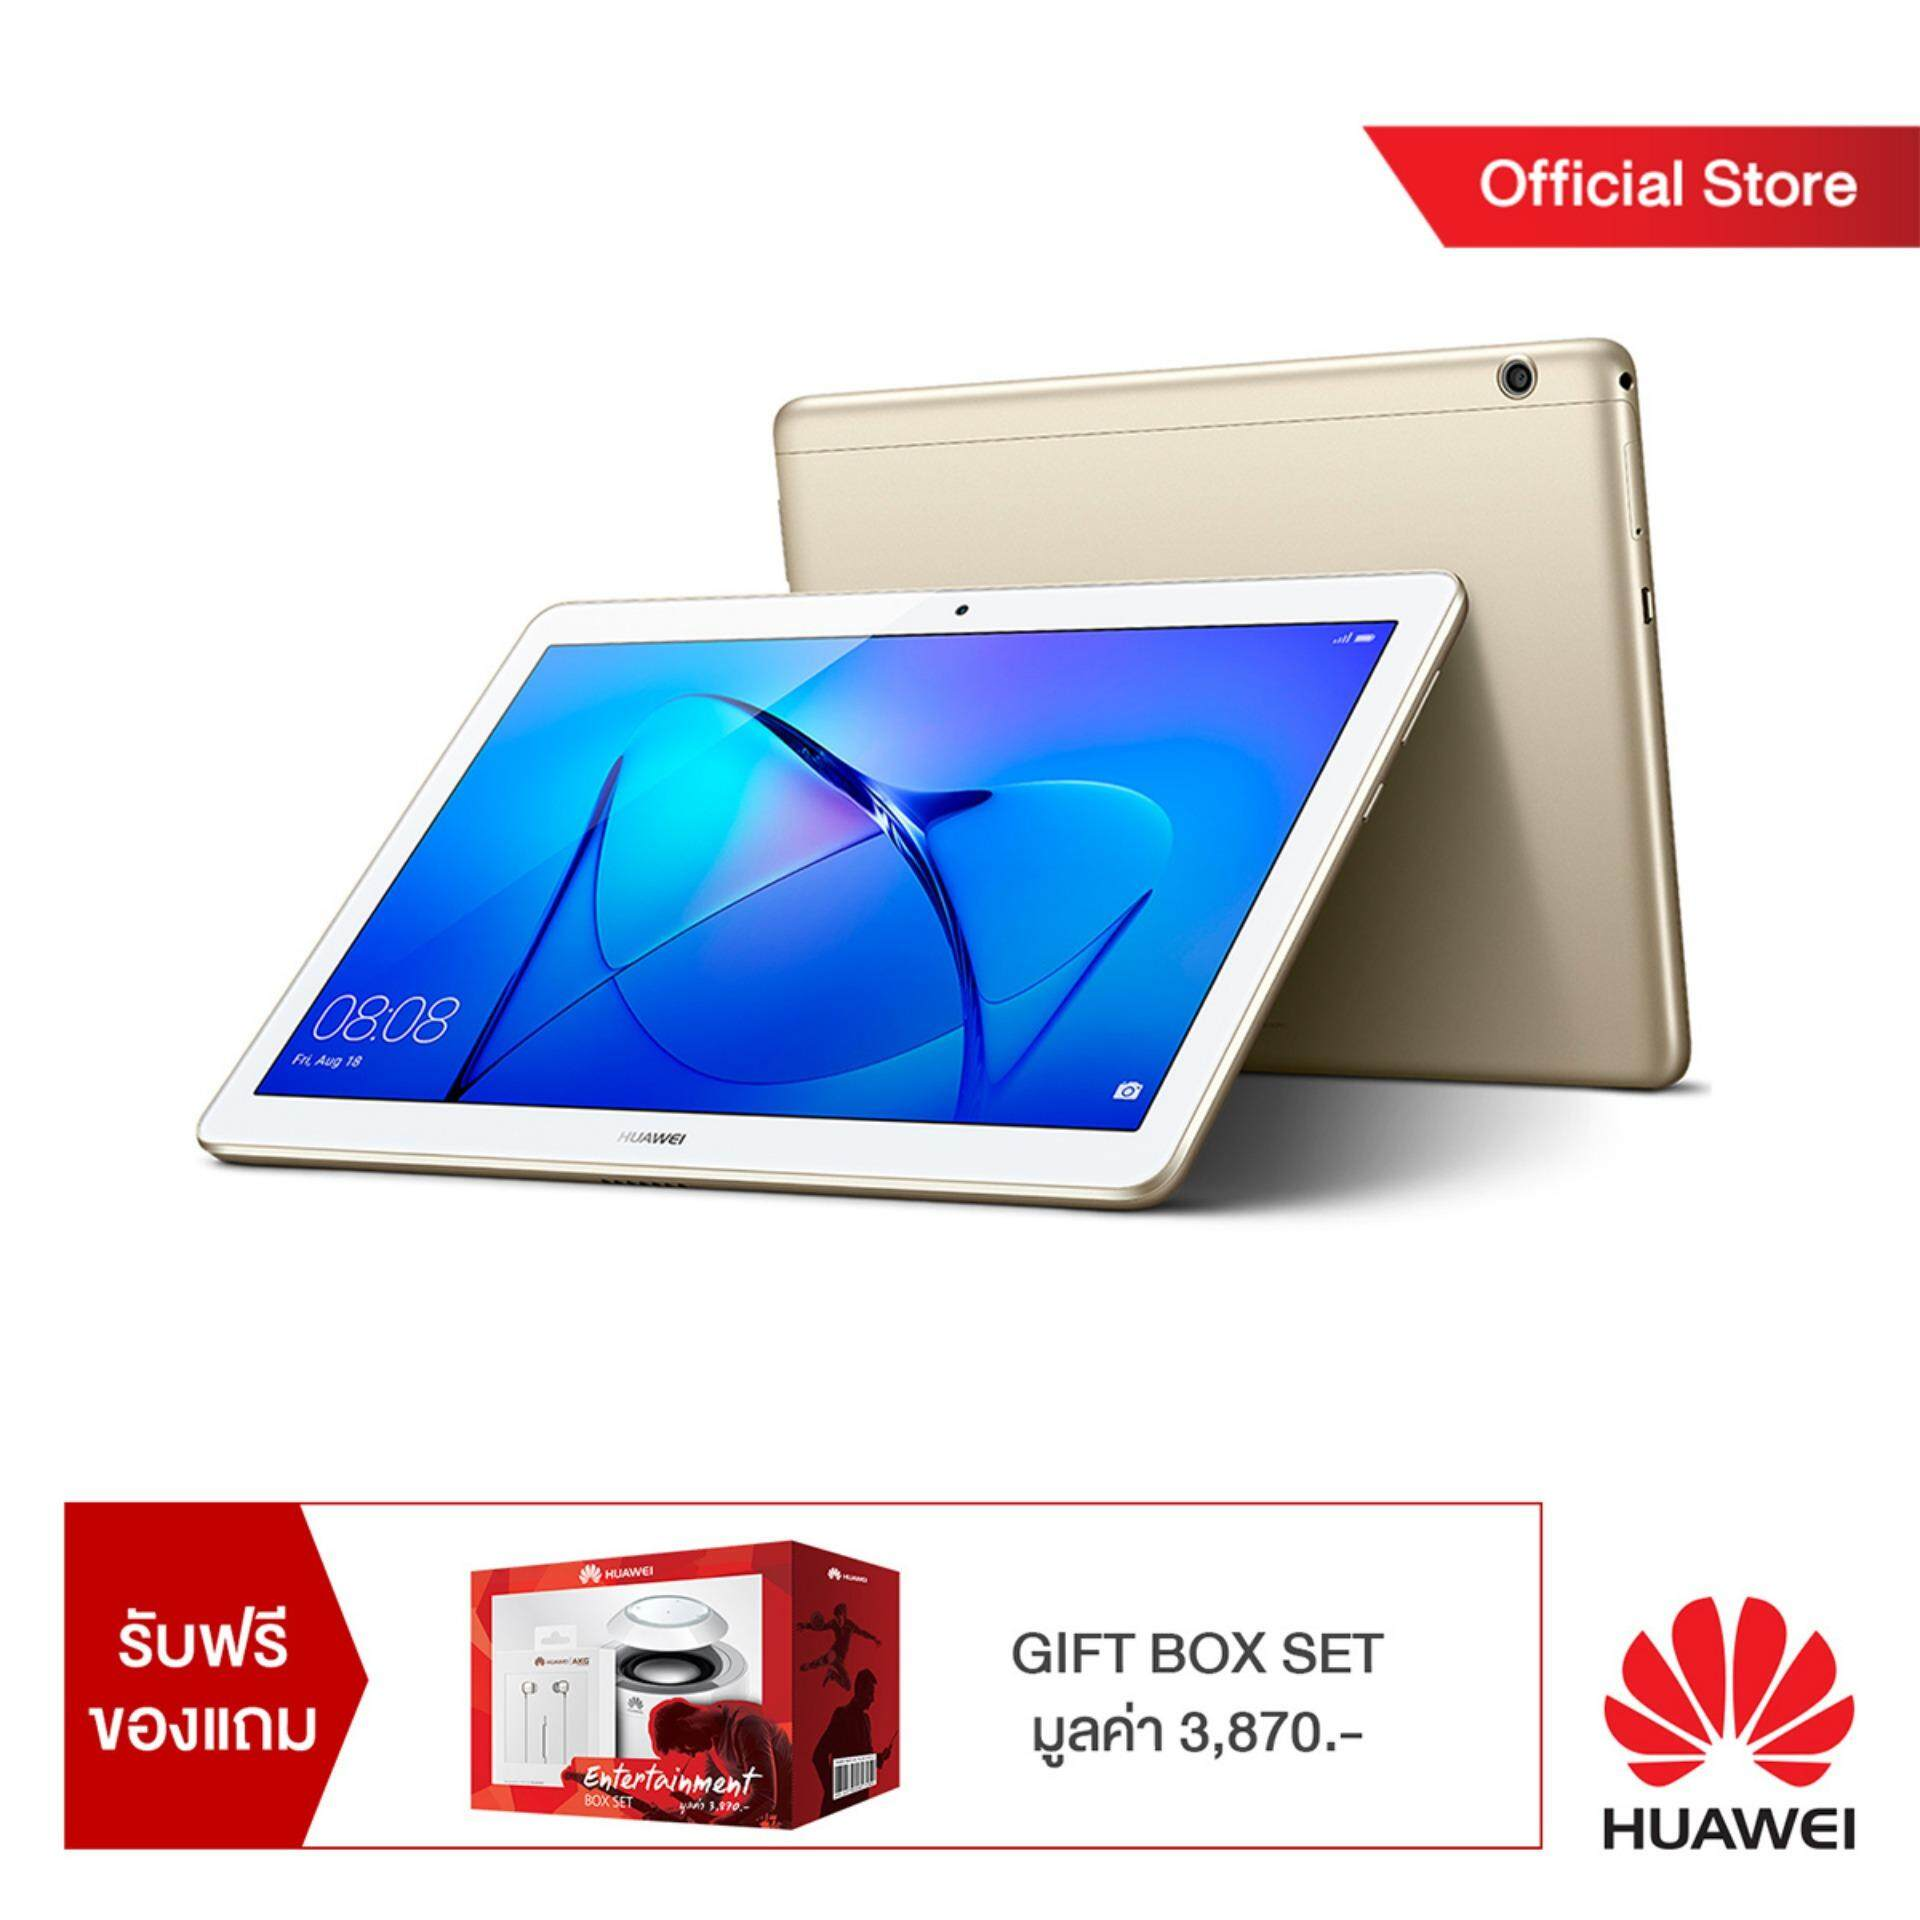 ขาย Huawei Mediapad T3 10 4G 16Gb Luxurious Gold พิเศษ รับฟรี Box Set มูลค่า 3 870 บาท ใน กรุงเทพมหานคร